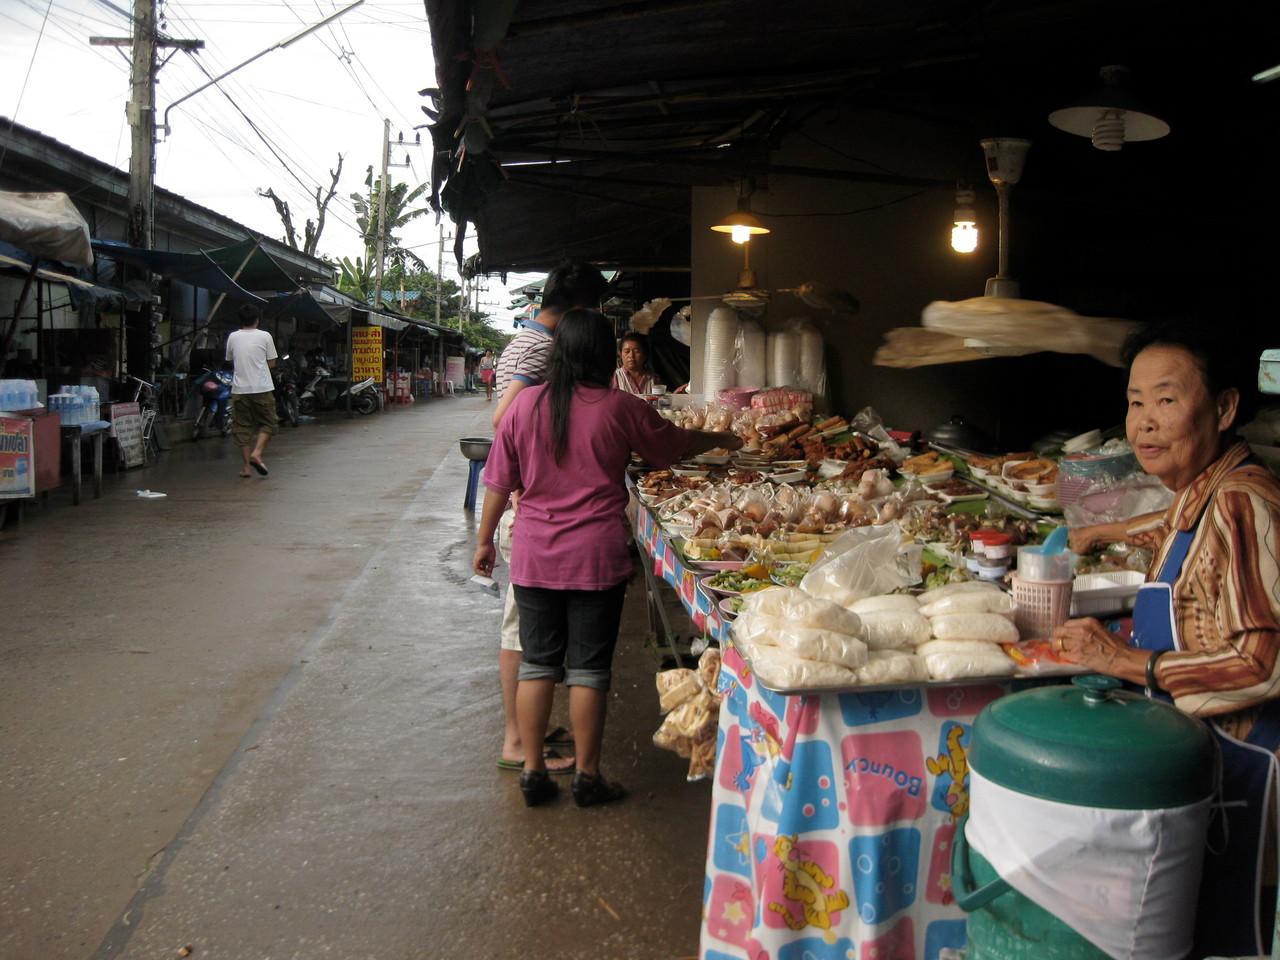 ここで焼きナマズと煮野菜とごはんを買った